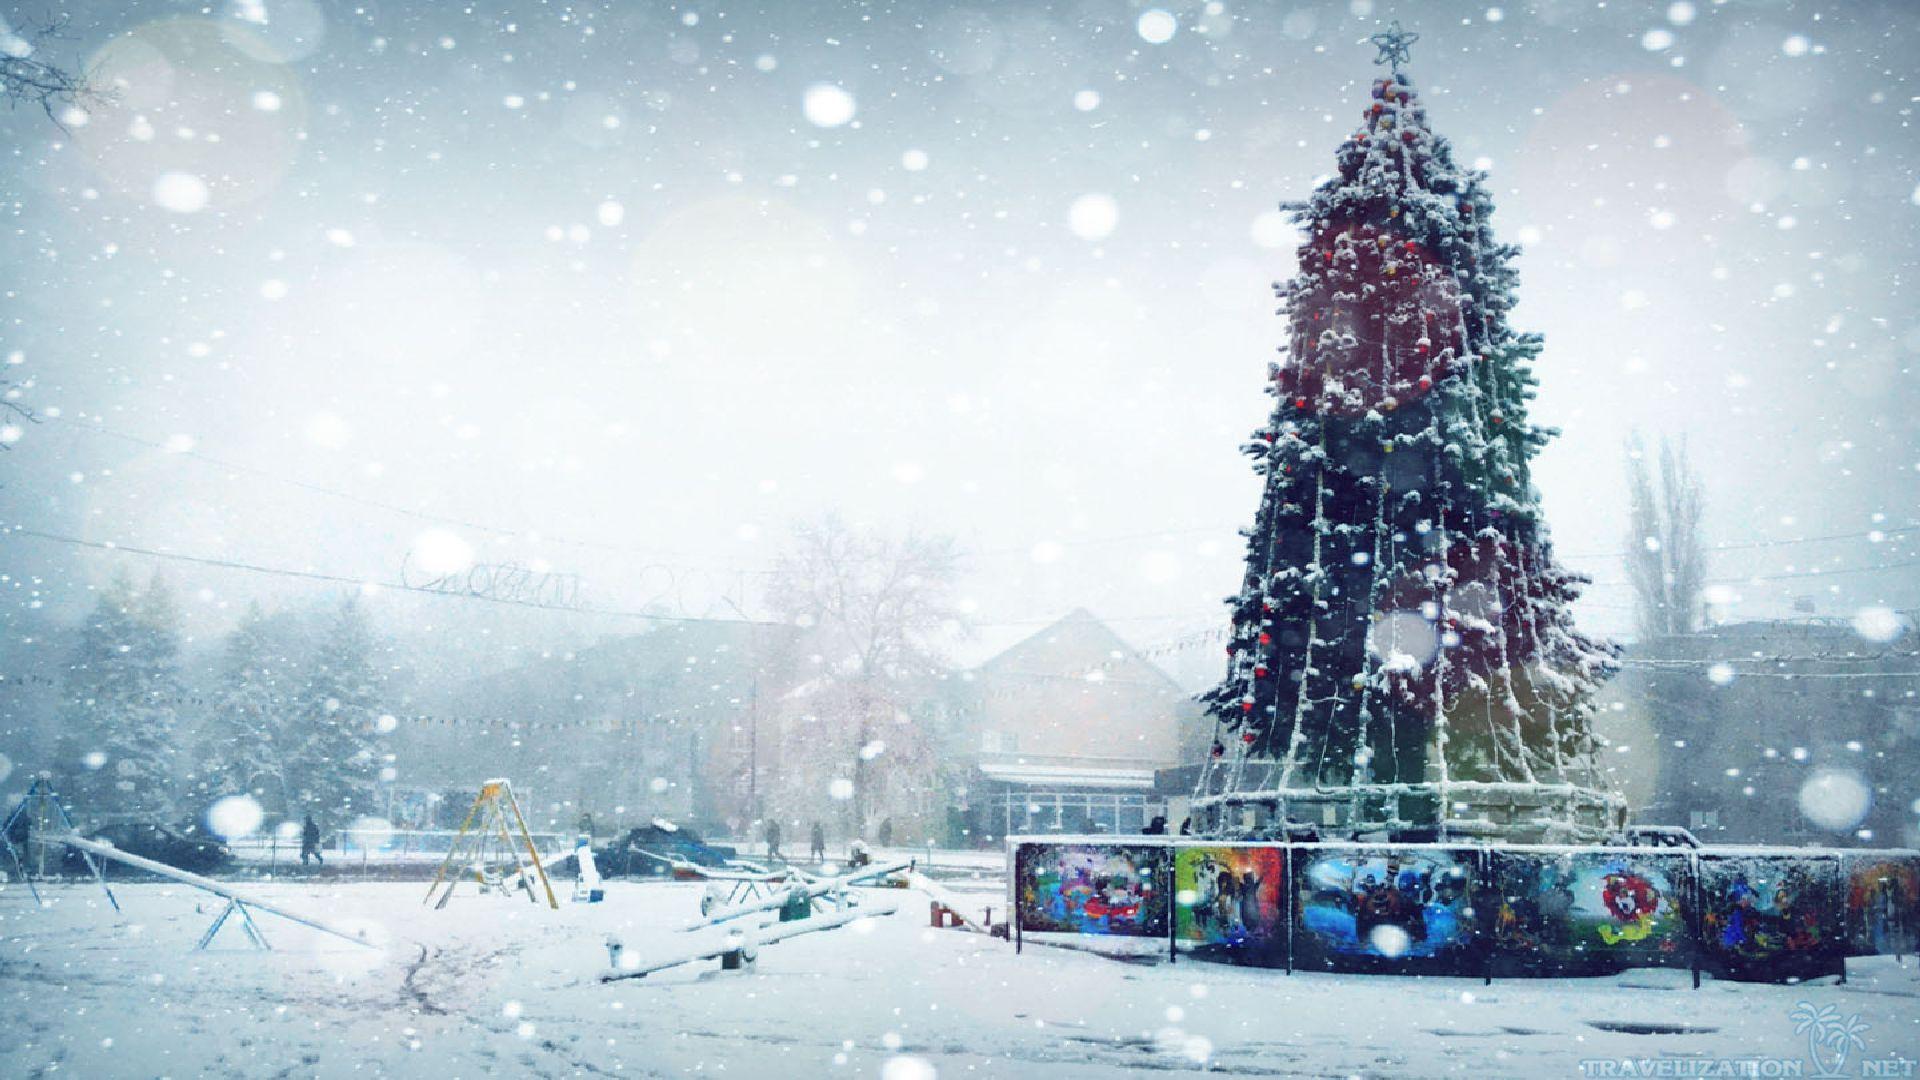 255 2558202 winter christmas wallpaper full hd for free wallpaper